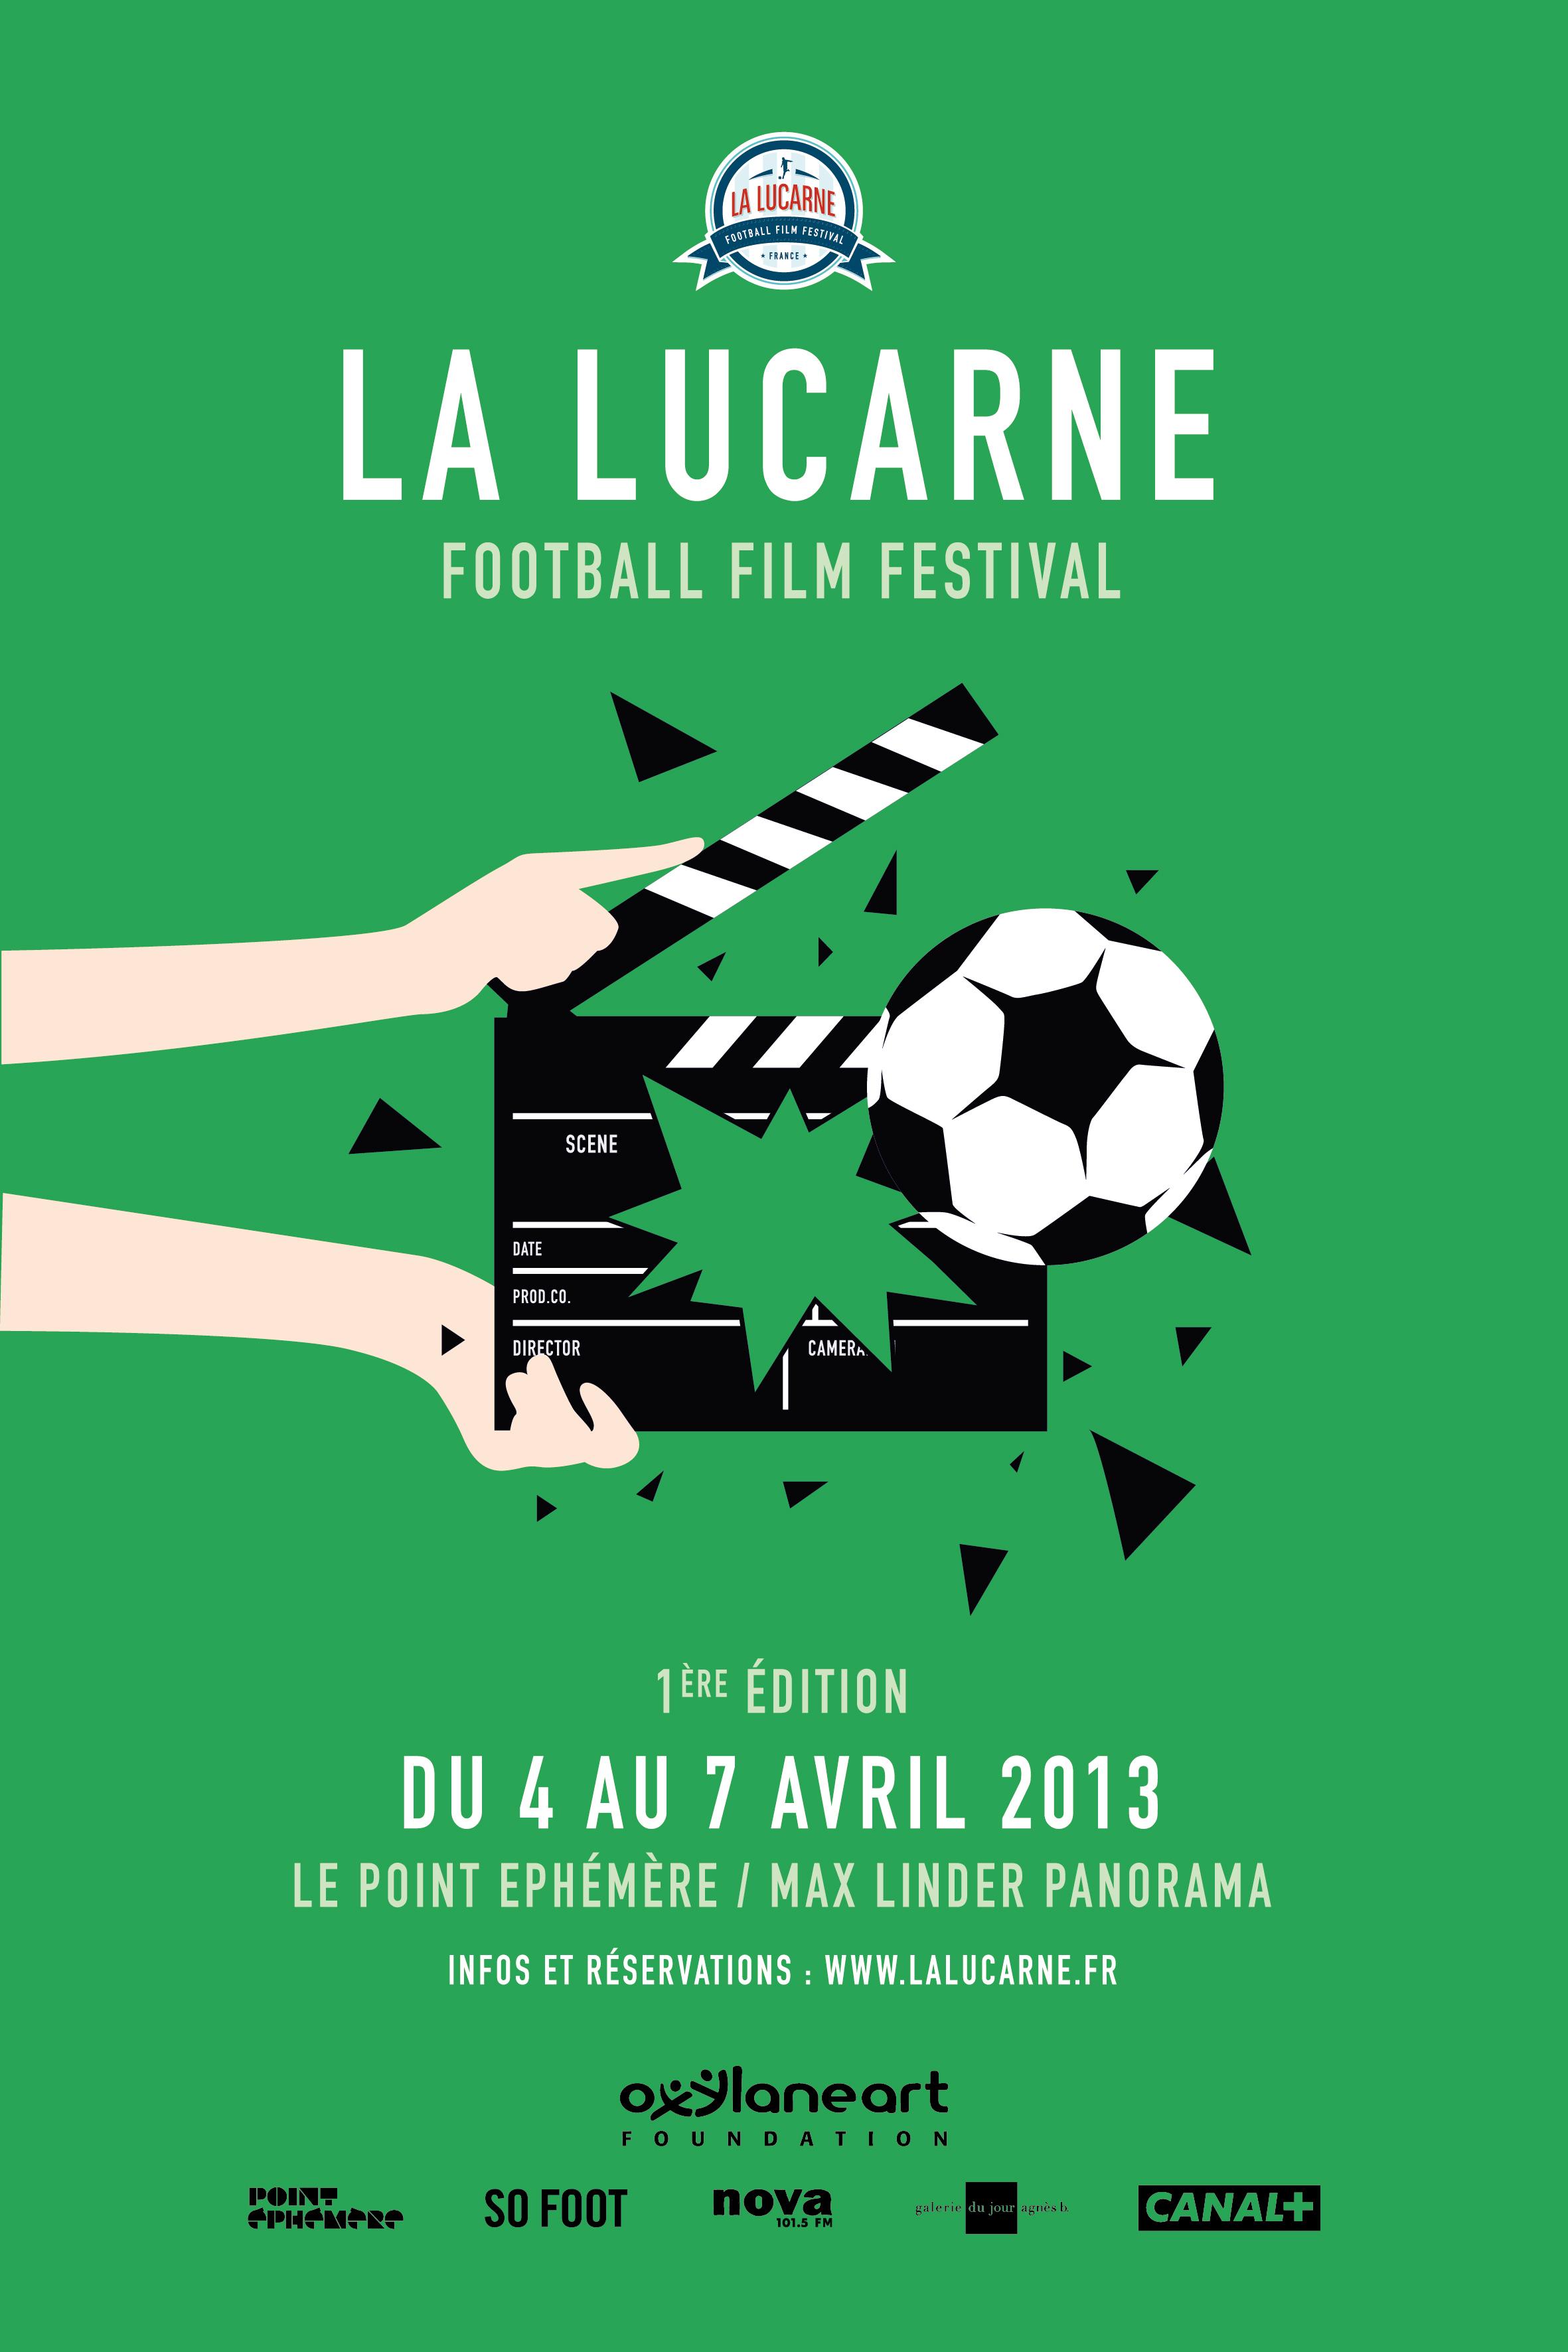 La_Lucarne-Affiche_Light